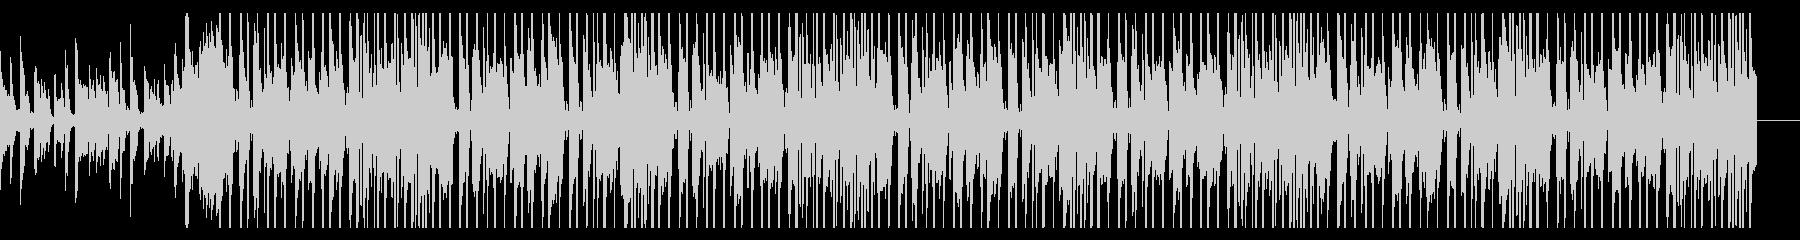 クールな洋楽風ポップスの未再生の波形